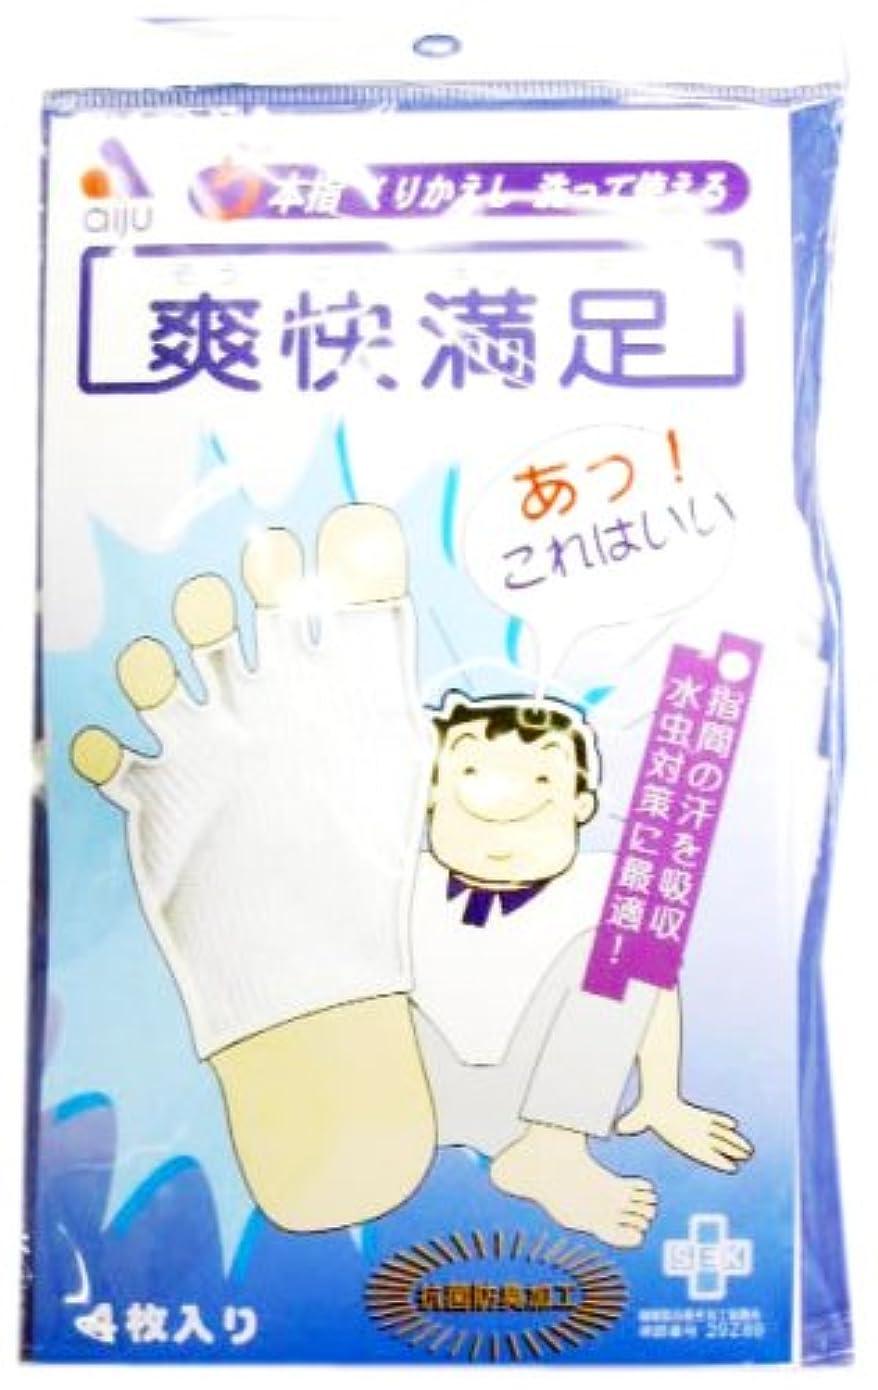 シャイコンパイルマウス爽快満足 5本指ソックス(4枚入)